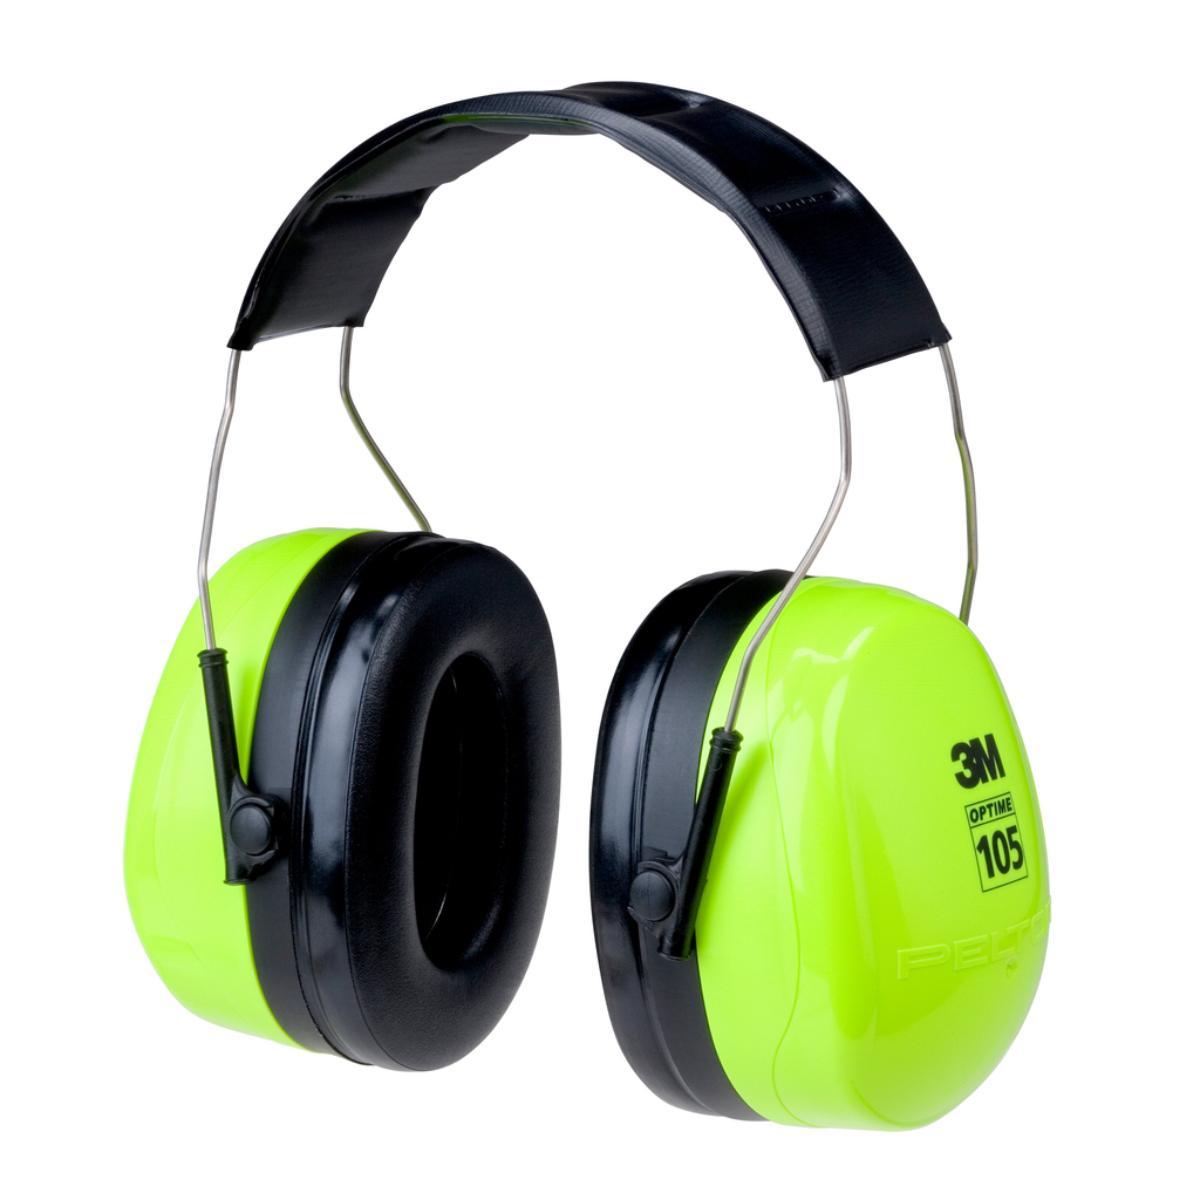 """3Mâ""""¢ PELTORâ""""¢ Optimeâ""""¢ 105 Over-the-Head Earmuffs H10A HV"""